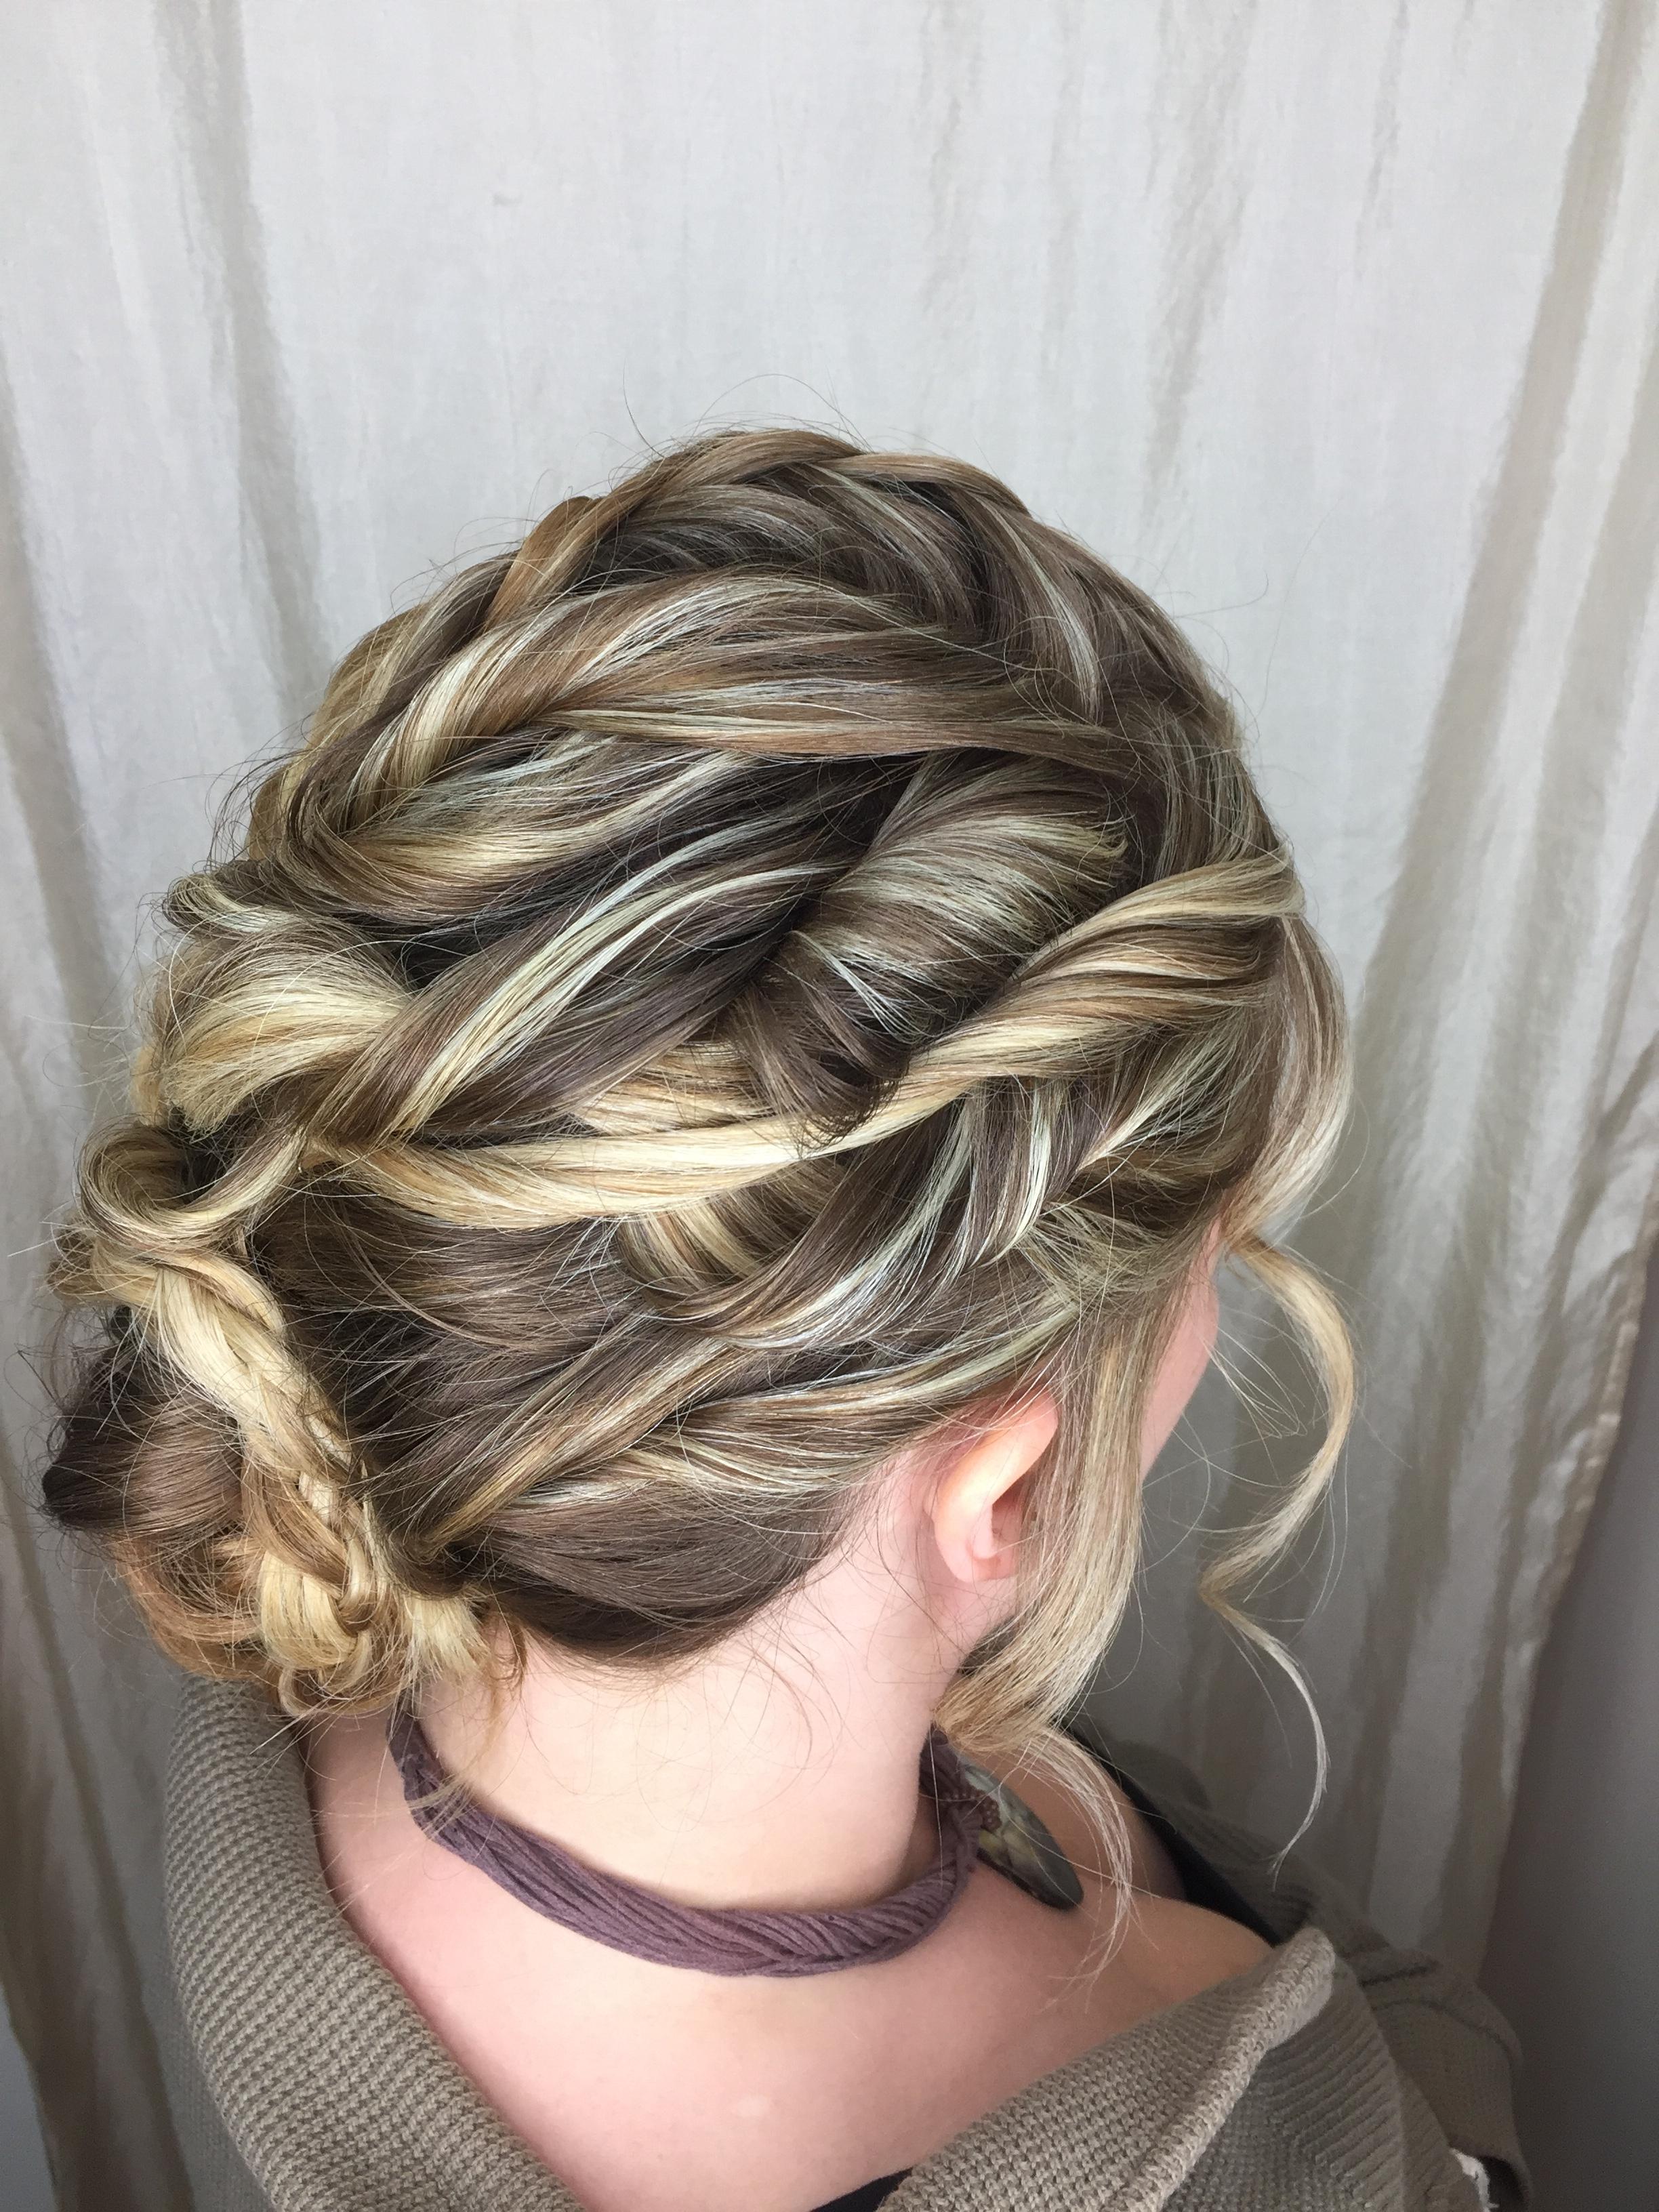 hair by Kara